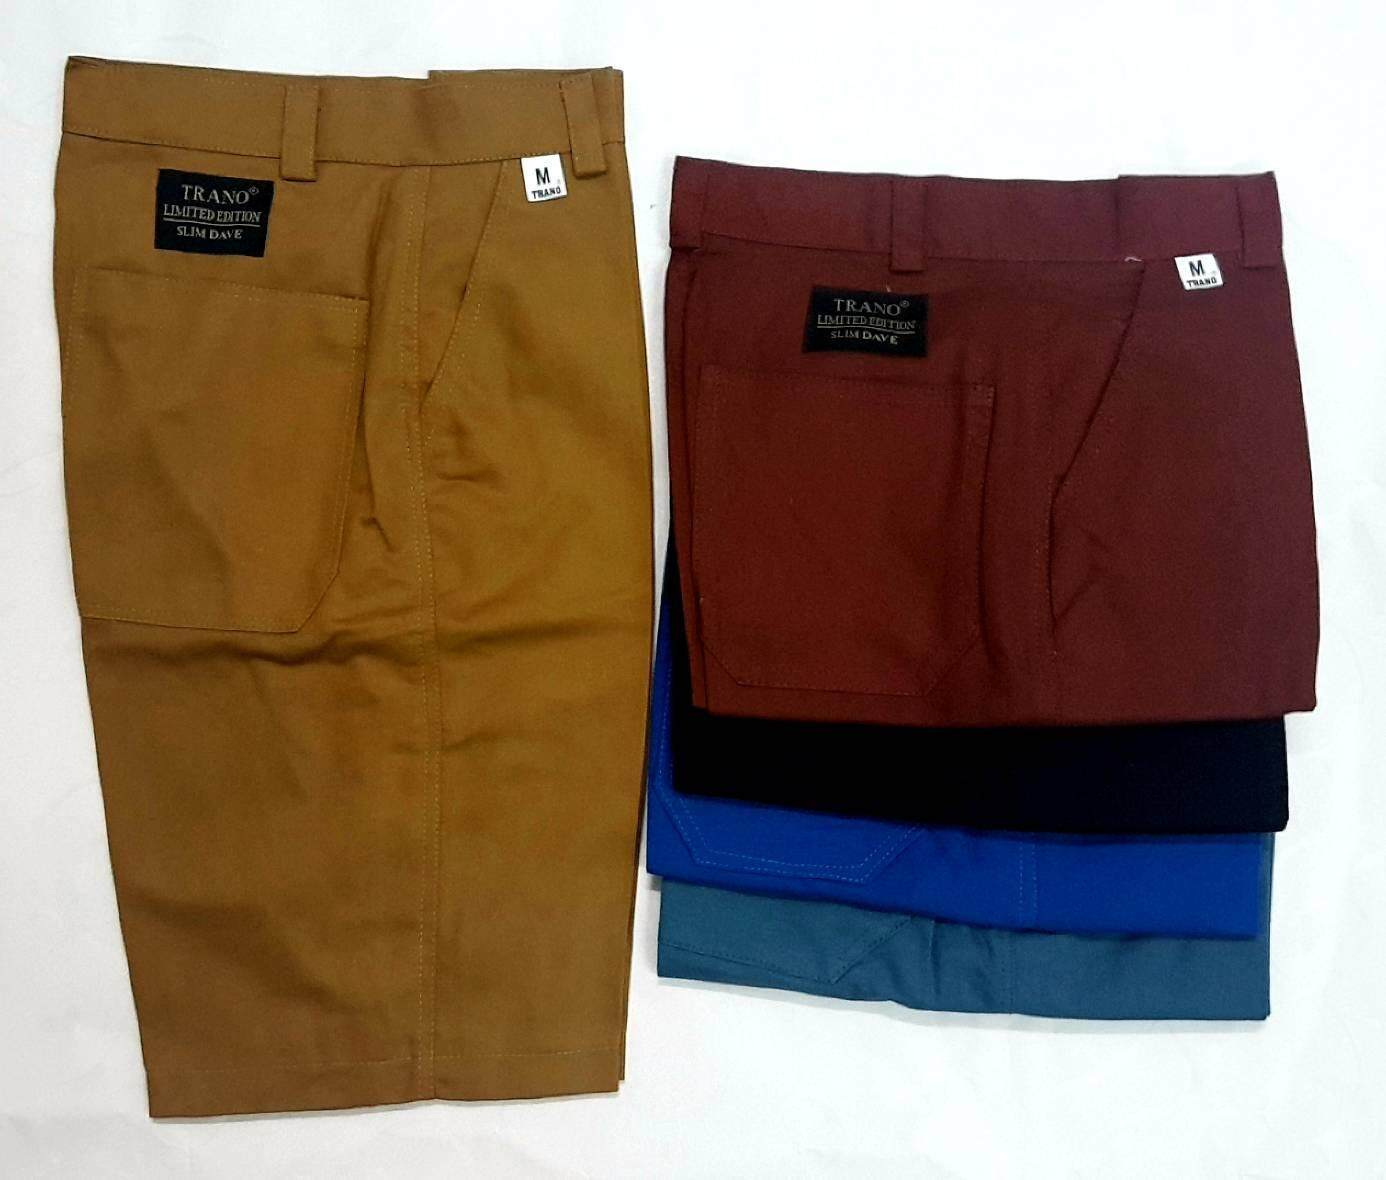 *new*กางเกงขาสั้น ผู้ชาย สีพื้น ราคาสบายกระเป๋า มีหลายสี By Nanashop02.